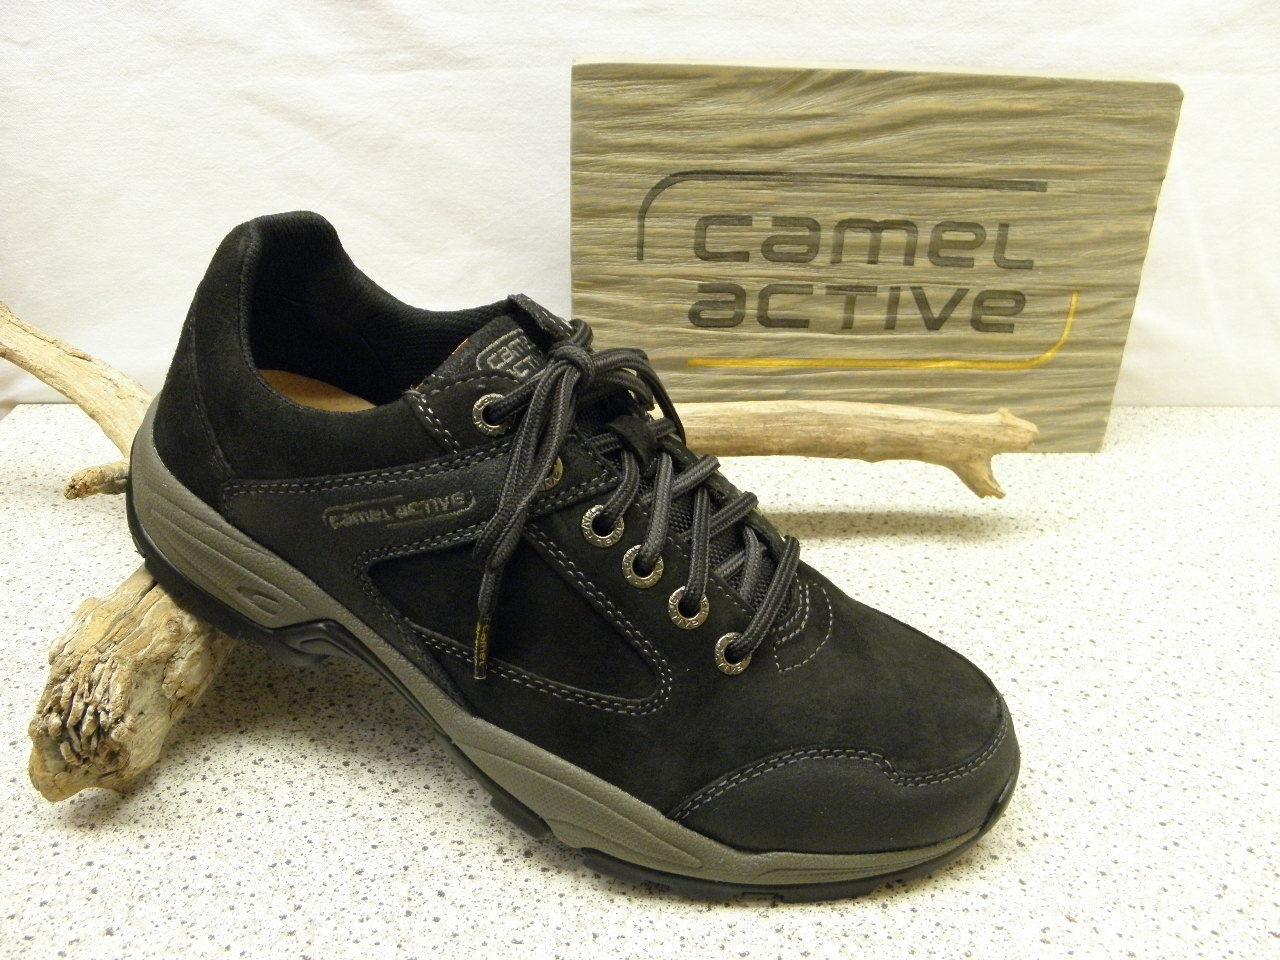 Camel active ®  bisher 119,95 schwarz    Evolution schwarz 119,95  138.11.22 (C55) 5ffd71